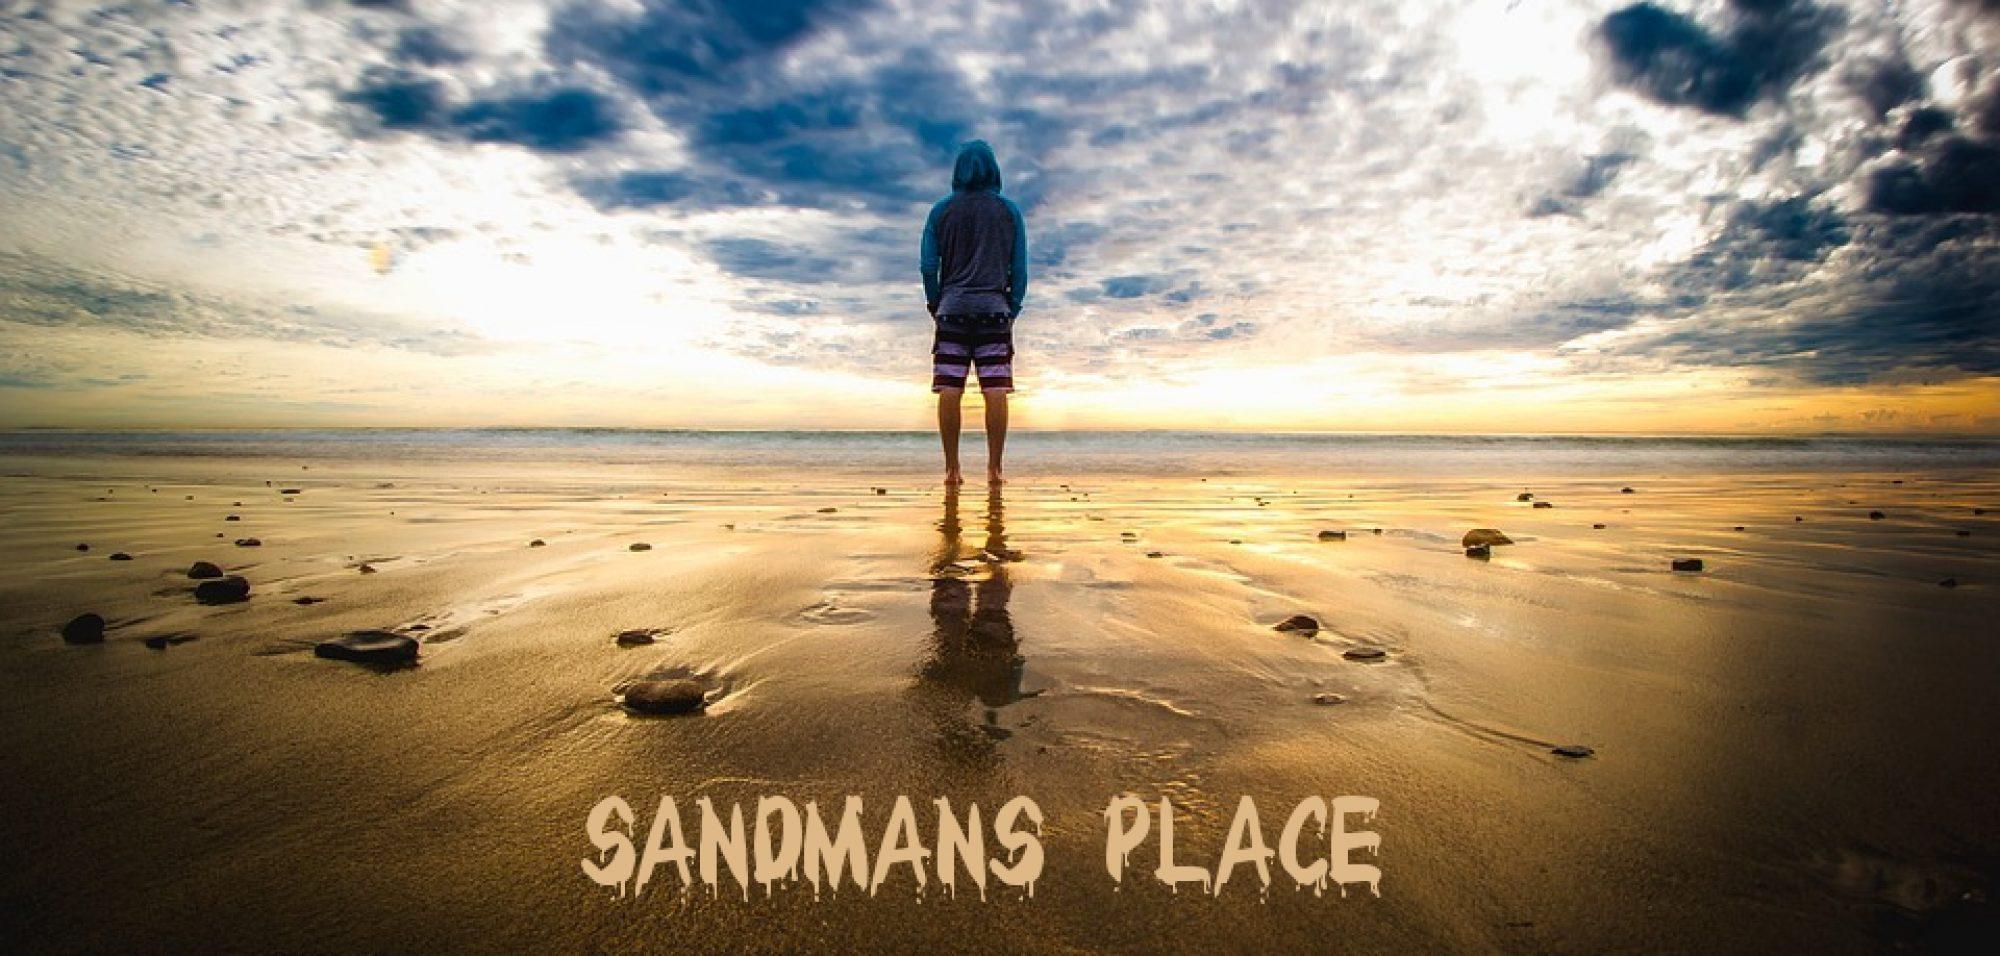 Sandmans Place